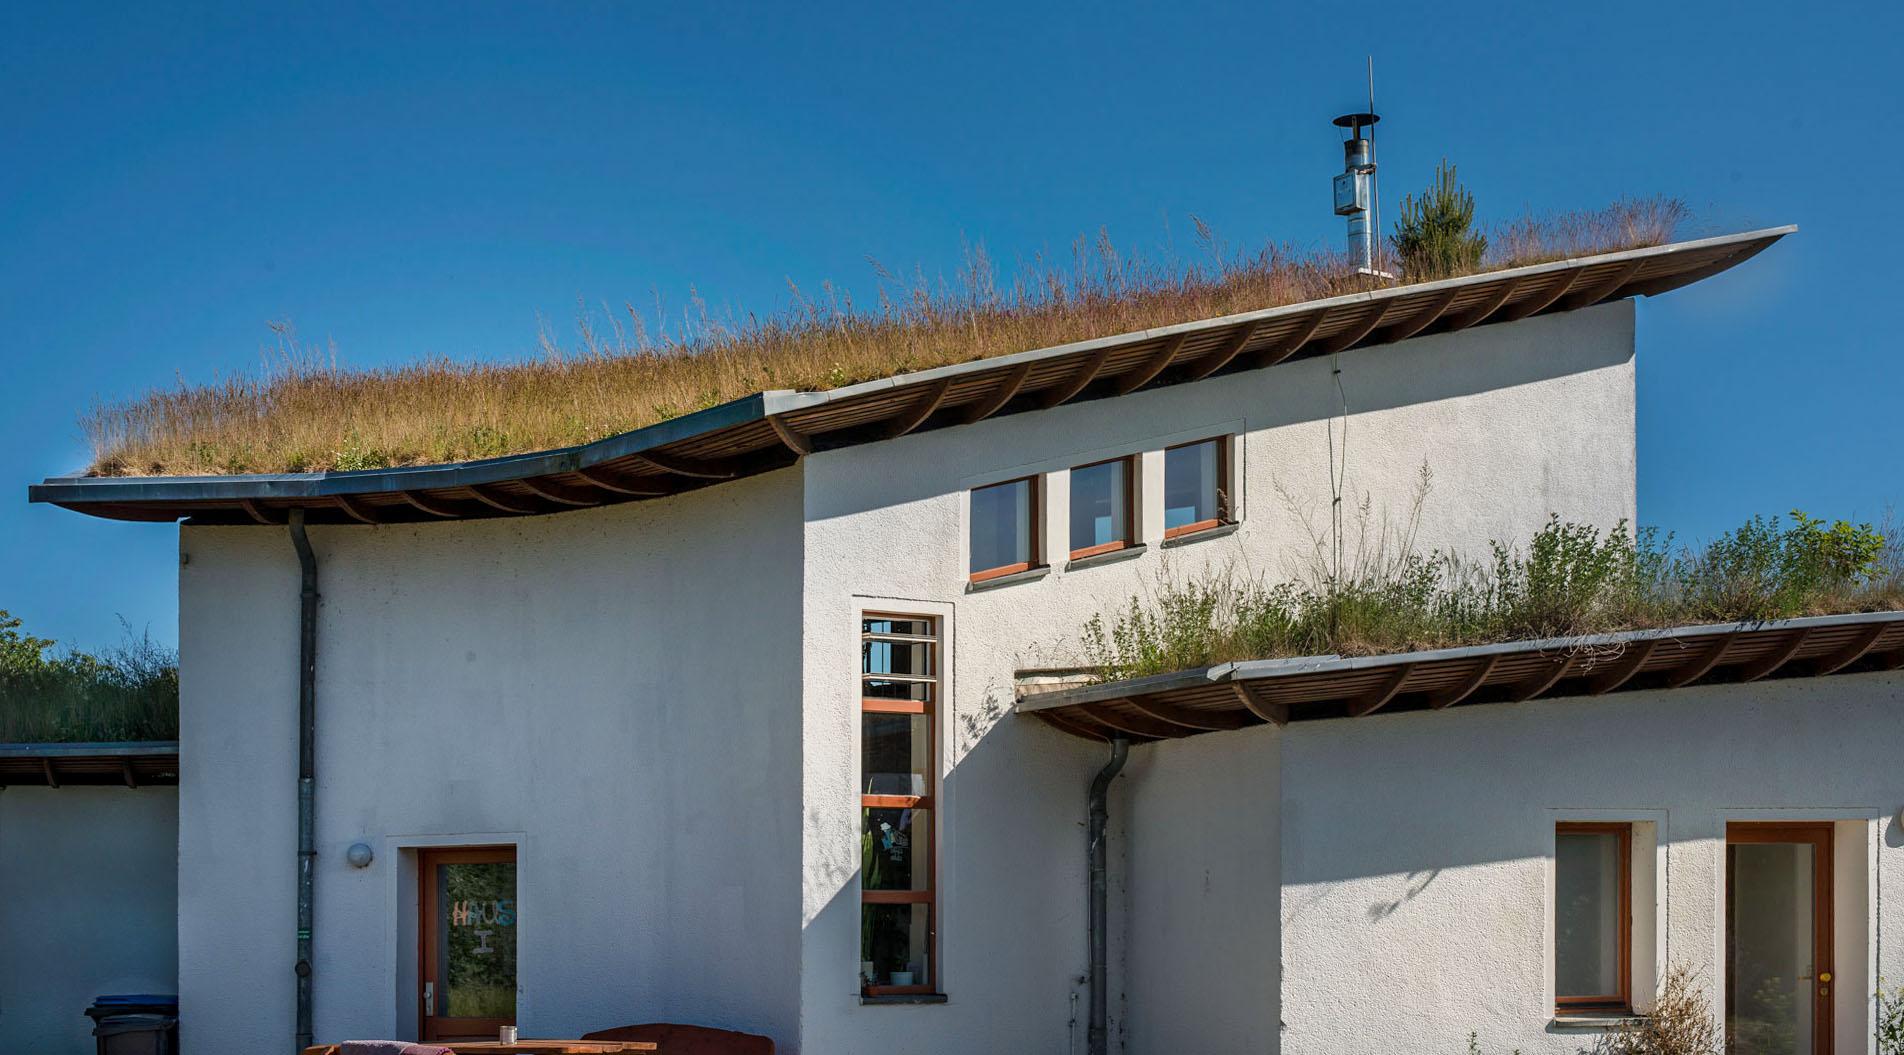 Ökologisches Bauen auf dem Jugendhof Brandenburg